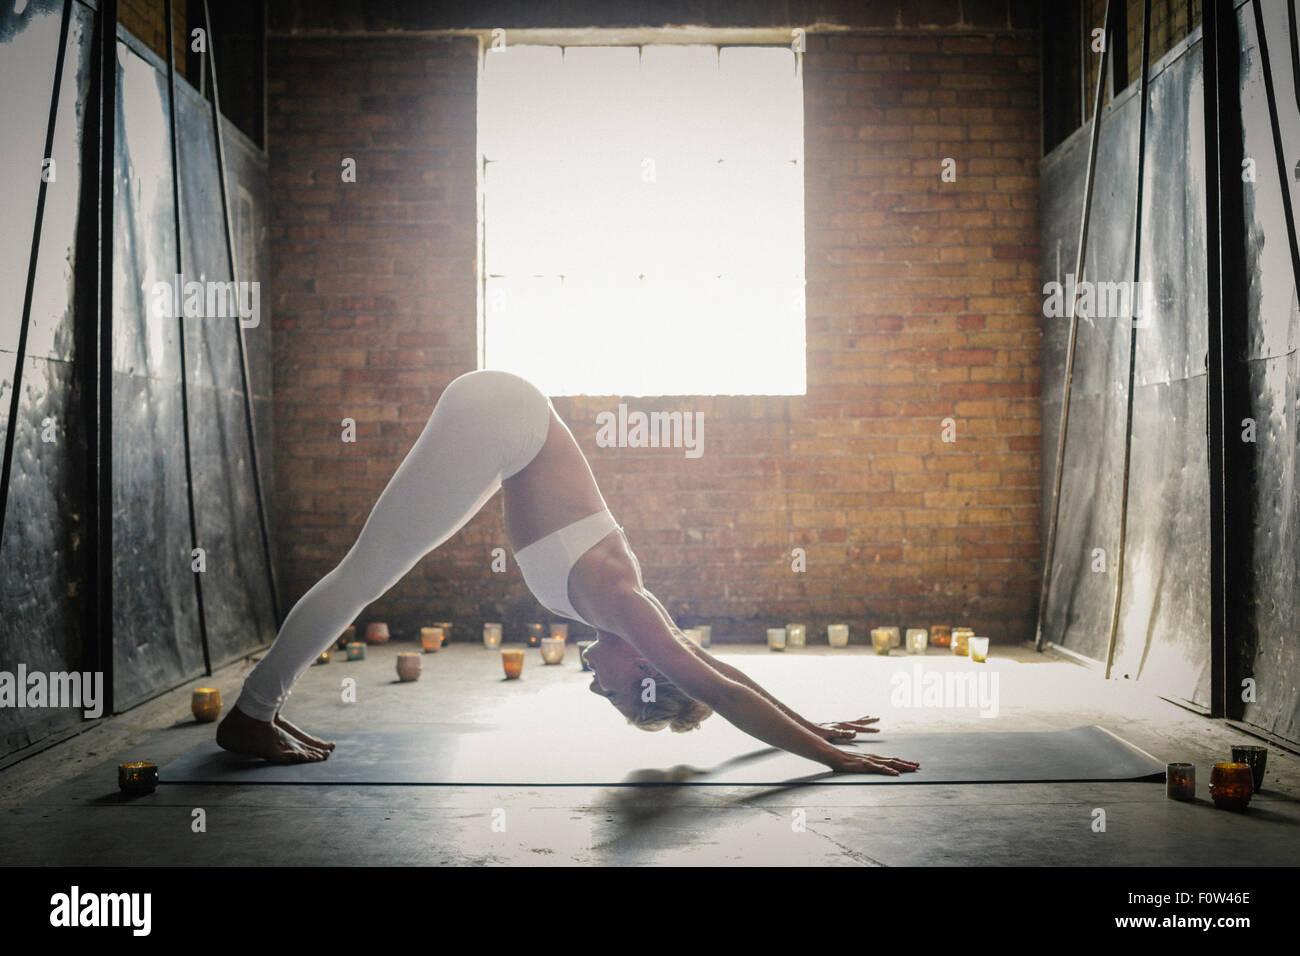 Eine blonde Frau auf dem Boden, umgeben von Kerzen, bücken dehnen. Ein Fenster in die Wand hinter ihr. Stockfoto